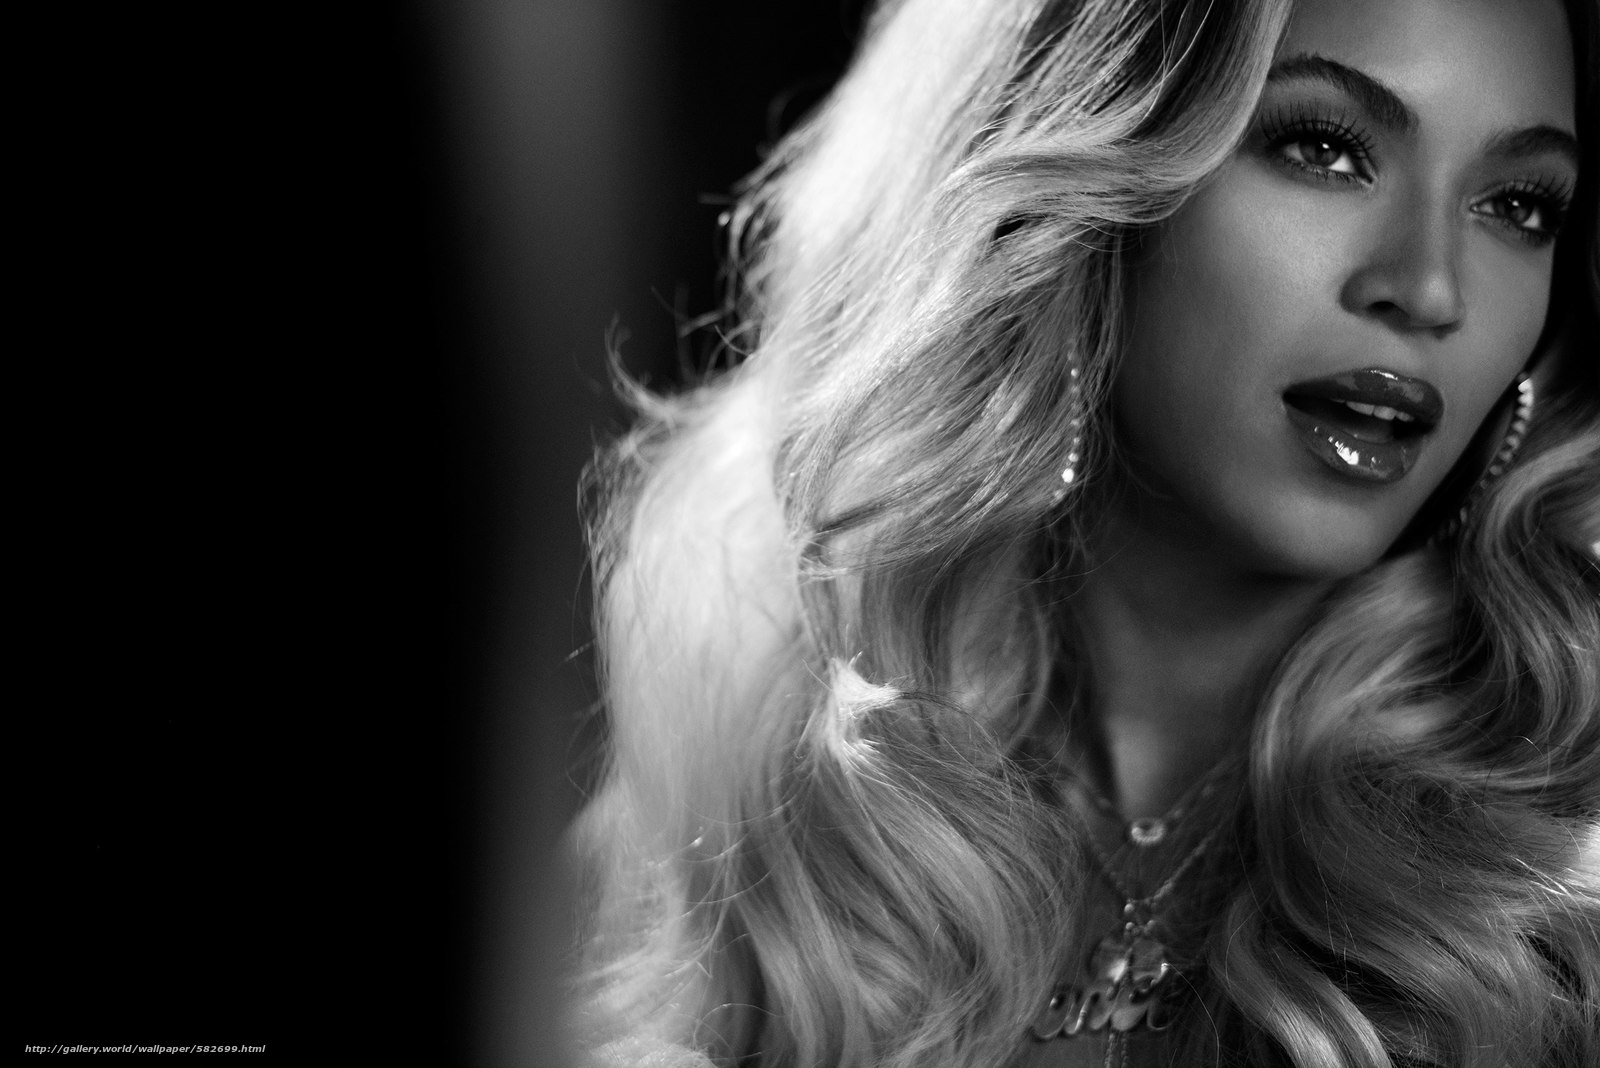 Фото знаменитостей девушек россия певиц 5 фотография